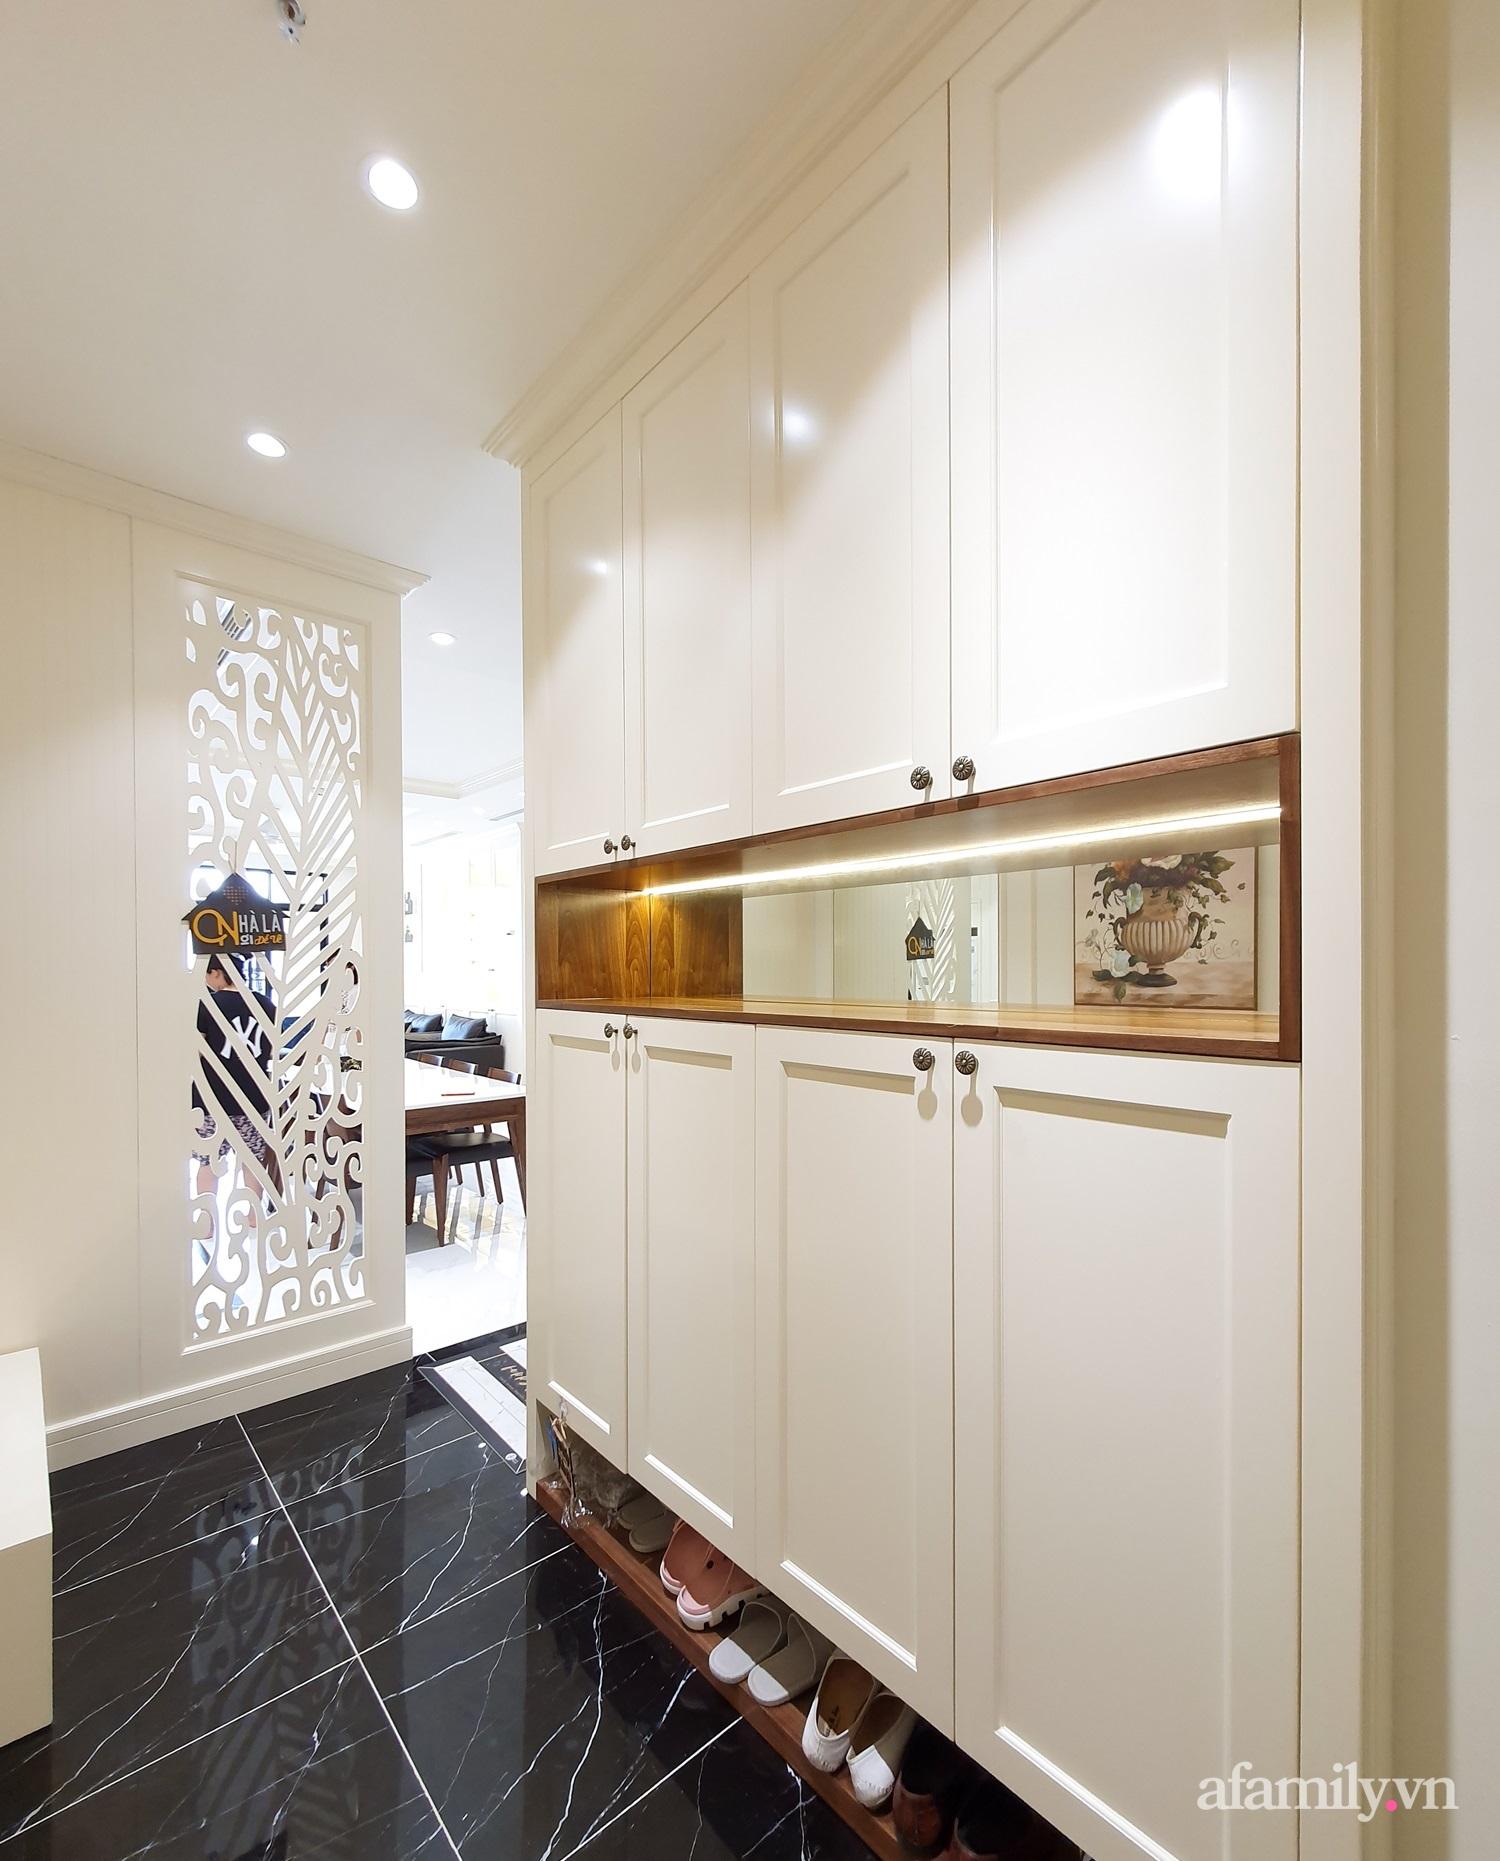 Căn hộ 121m² đẹp sang chảnh với phong cách bán cổ điển ở Hà Nội - Ảnh 2.